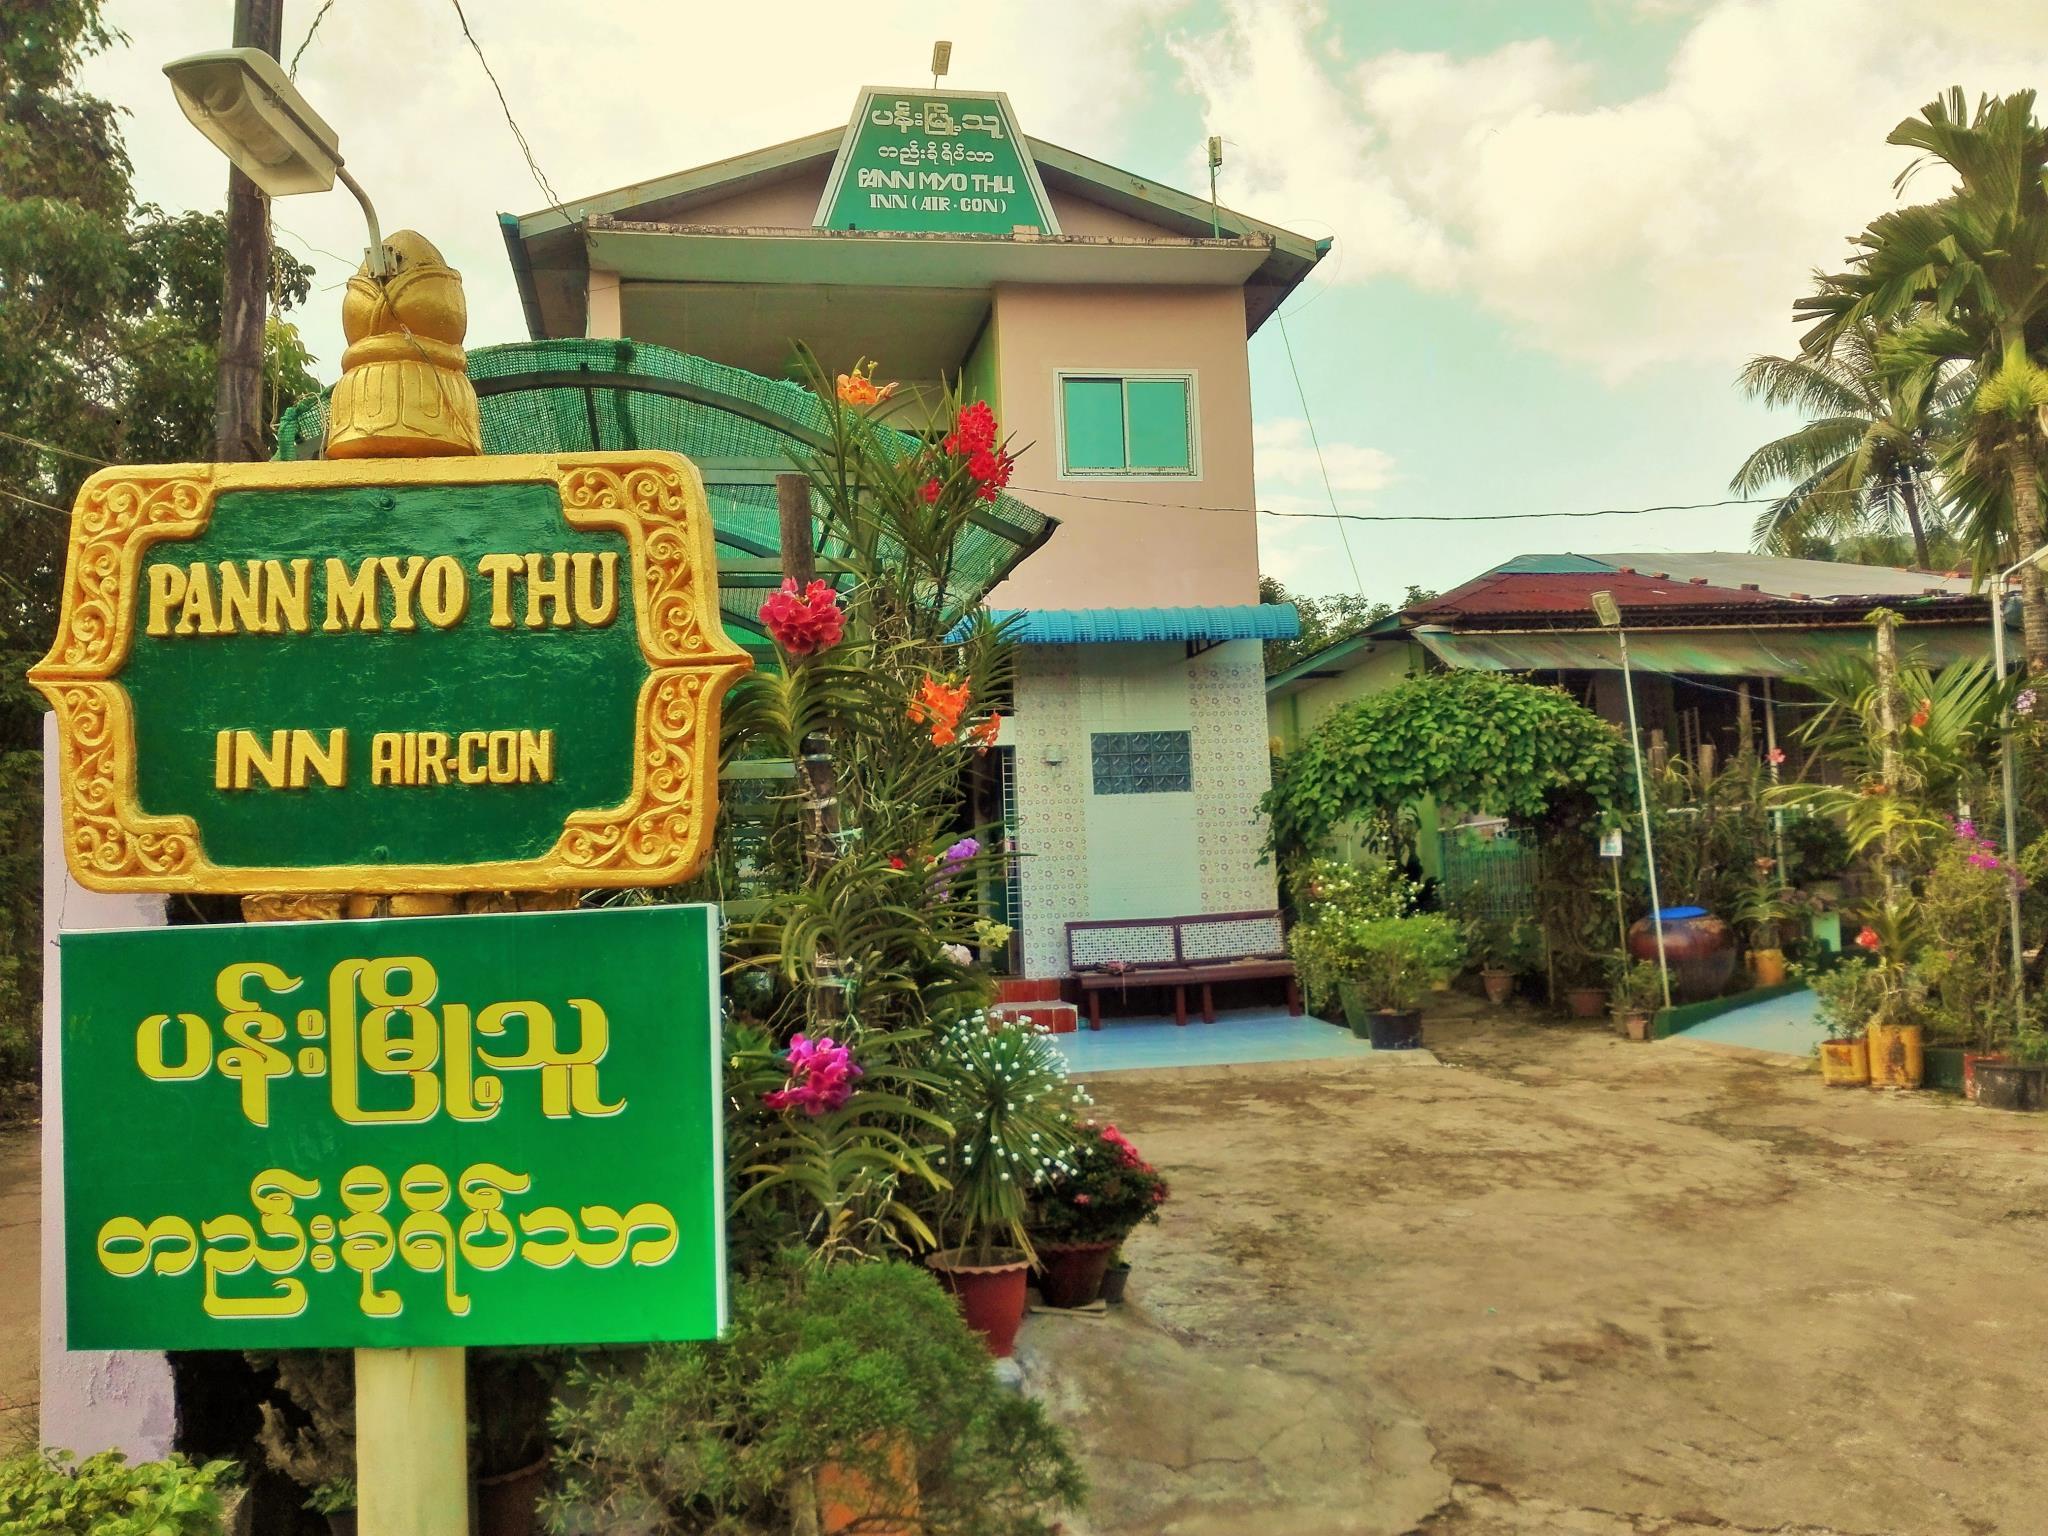 Pann Myo Thu GuestHouse, Thaton